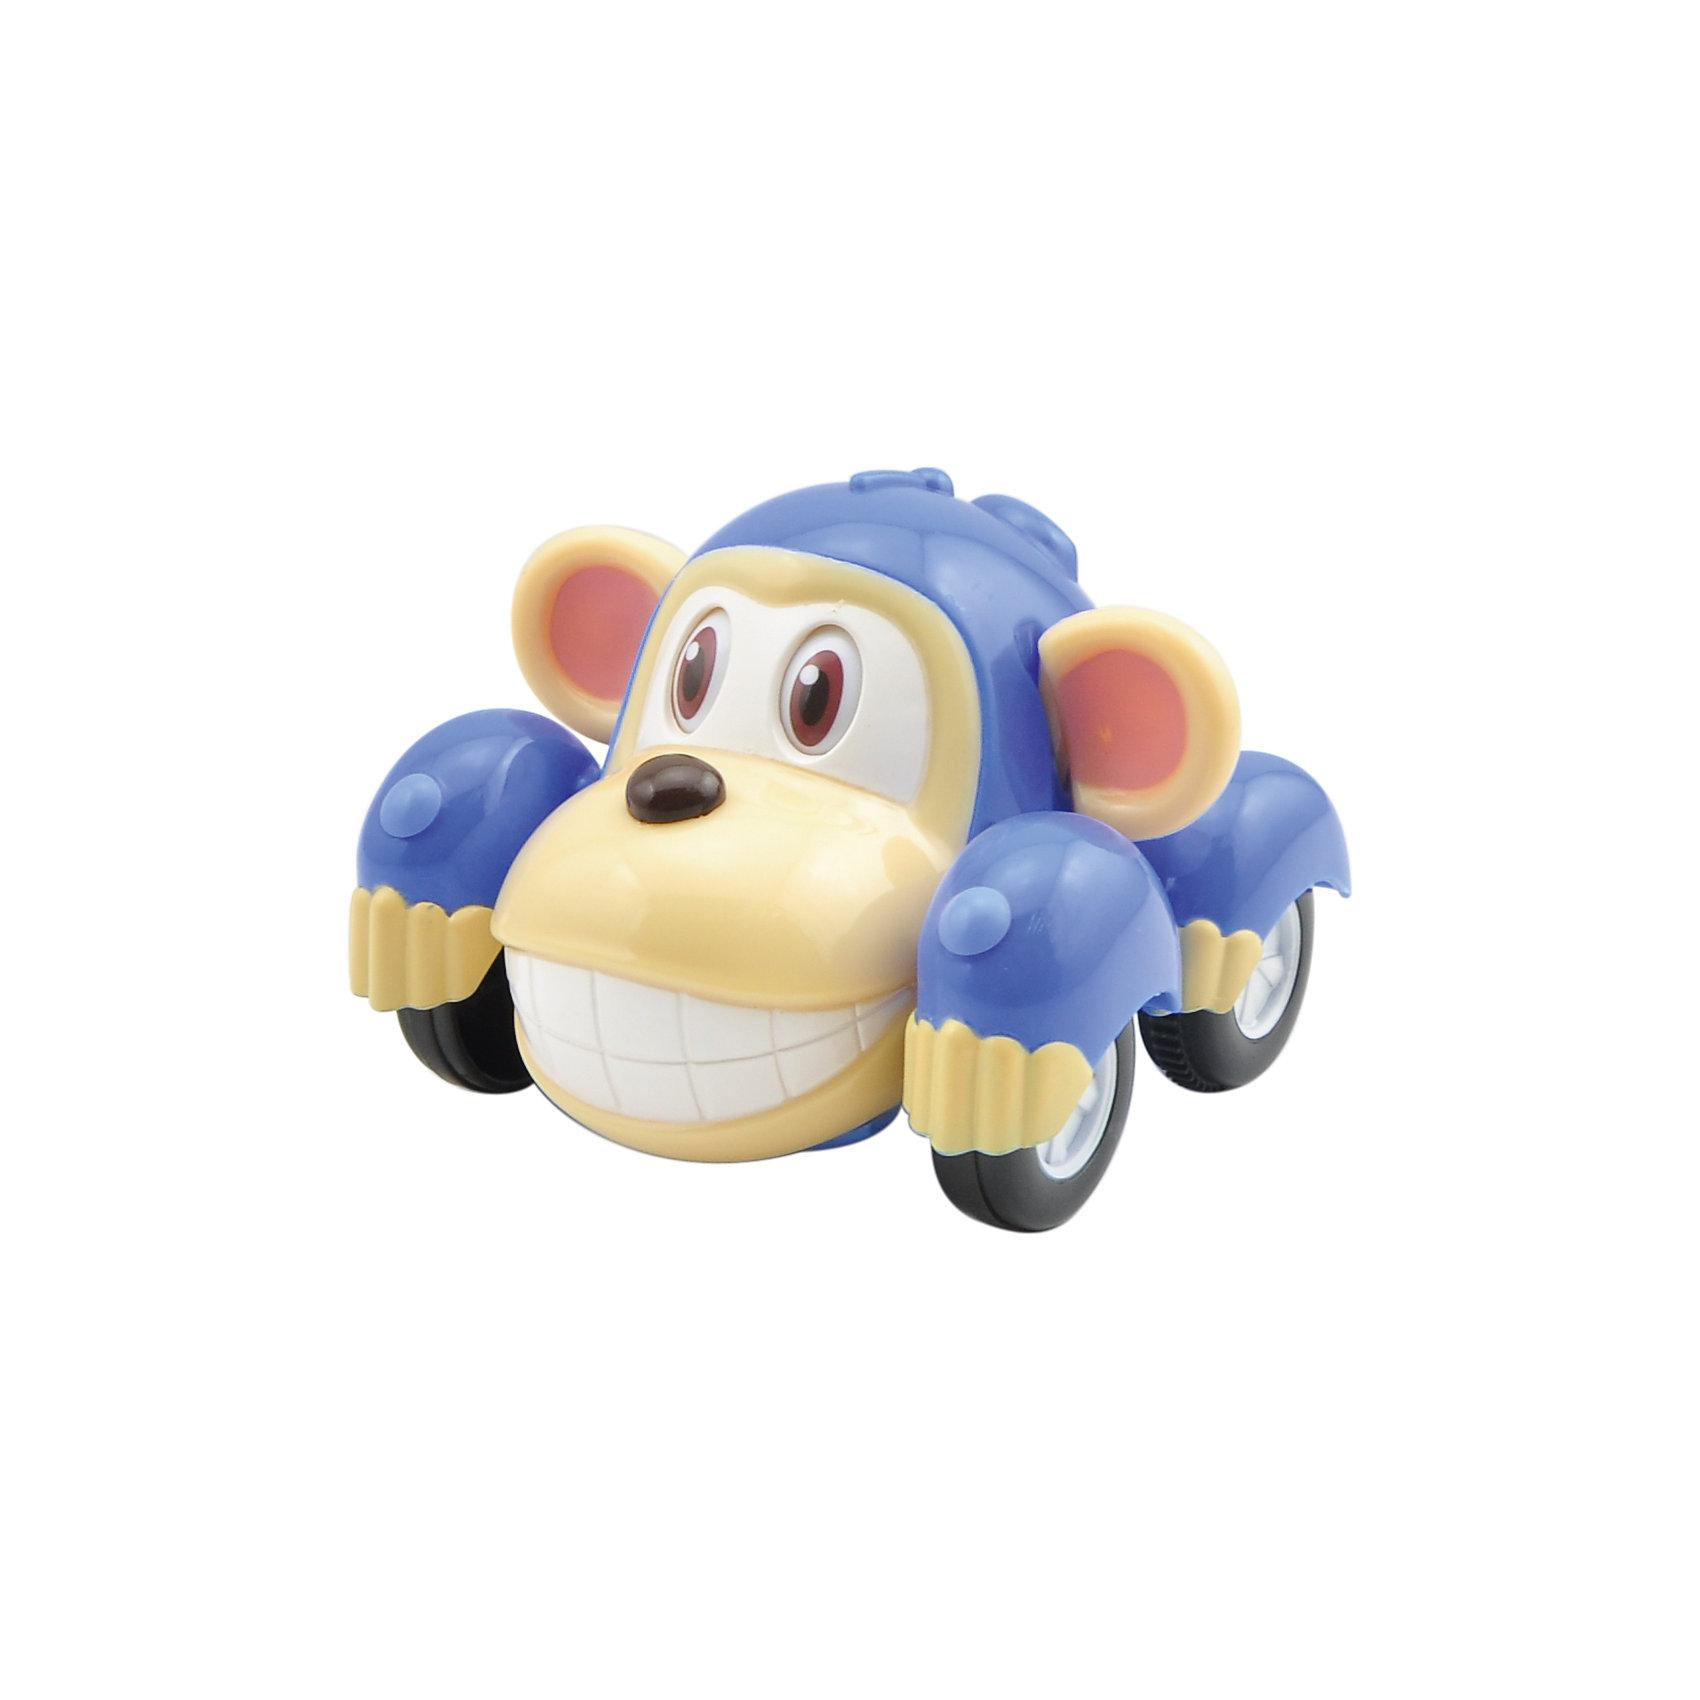 Функциональная машинка Банги, ВрумизИгрушки<br>Функциональная машинка Банги, Врумиз выполнена в виде персонажа мультсериала Врумиз – забавной и веселой обезьянки Банги. Инерционная Машинка Банги во время движения шевелит ушами и глазами, доставляя много радости самым маленьким поклонникам мультфильма!<br><br>Дополнительная информация:<br>-Материалы: пластик, металл<br><br>С яркой и позитивной машинкой Банги Ваш малыш сможет окунуться в фантастический мир Зиппи Сити и разыгрывать сценки из любимого мультика «Врумиз»! <br><br>Функциональную машинку Банги, Врумиз можно купить в нашем магазине.<br><br>Ширина мм: 120<br>Глубина мм: 380<br>Высота мм: 310<br>Вес г: 240<br>Возраст от месяцев: 36<br>Возраст до месяцев: 120<br>Пол: Унисекс<br>Возраст: Детский<br>SKU: 4196420